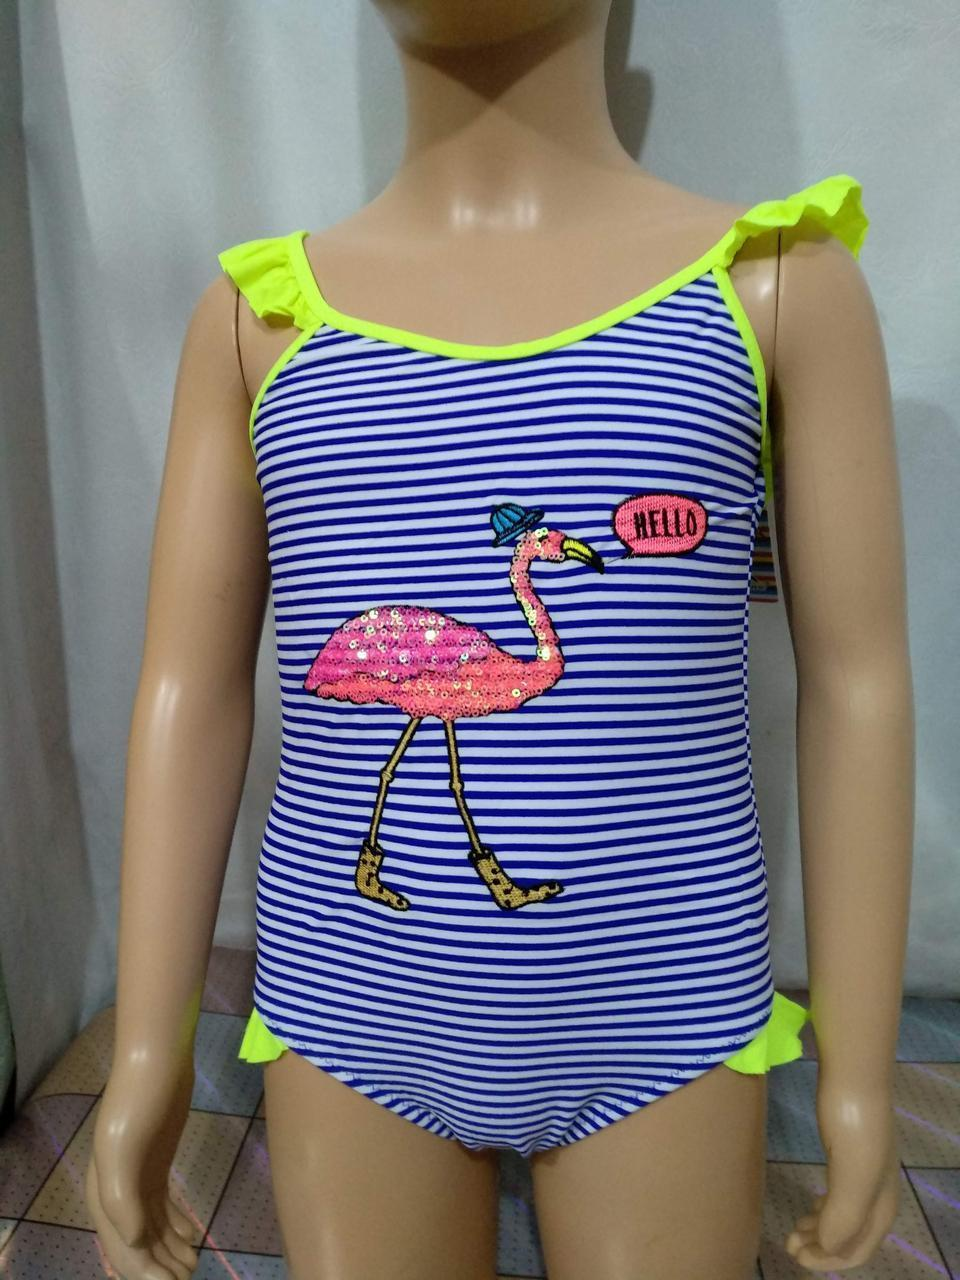 Купальник для девочек SAME GAME Птичка 5070 лимонный (есть 4 6 8 10 12 лет размеры) ростовка из одного цвета